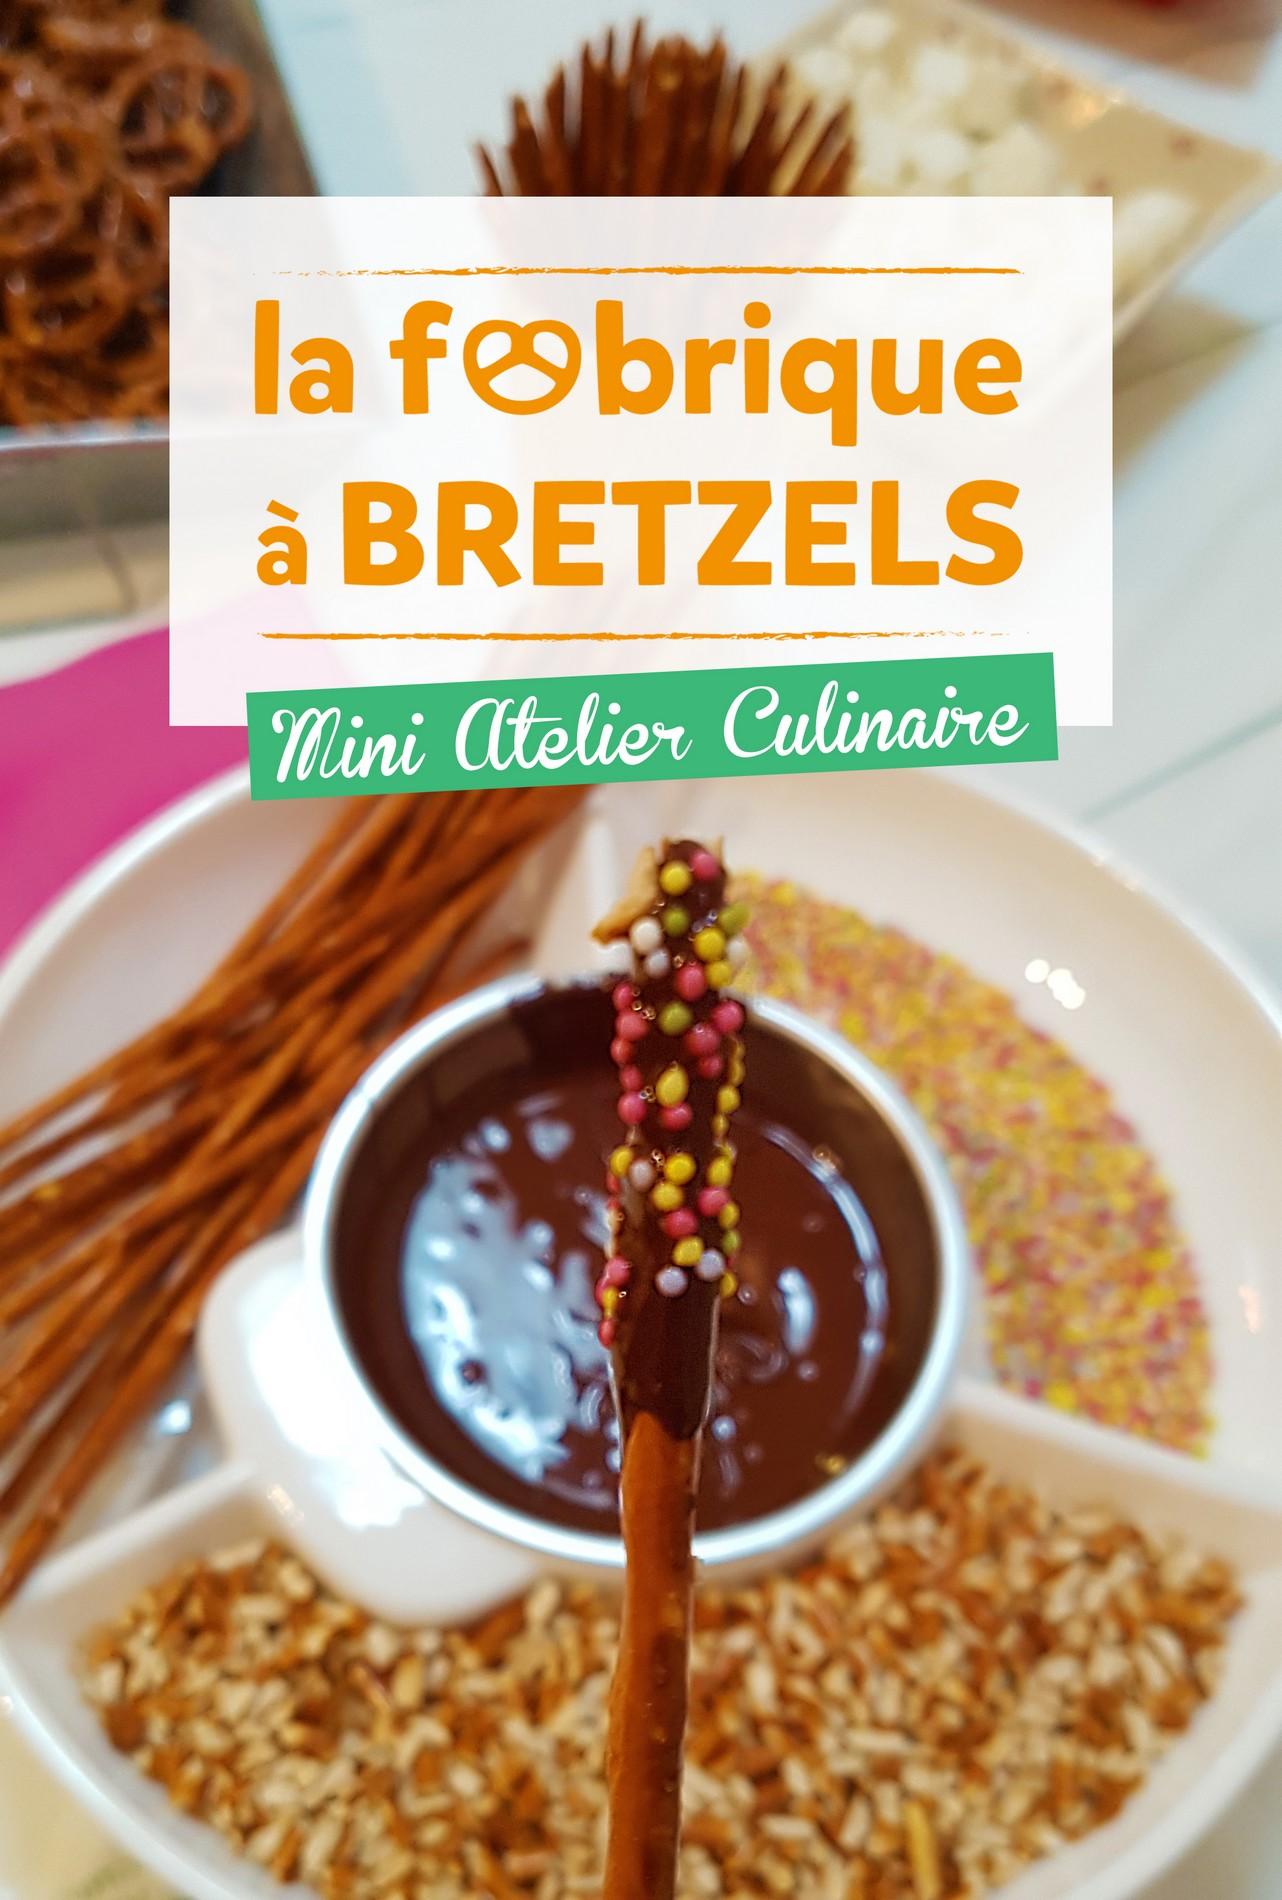 Fabrique_a_bretzel